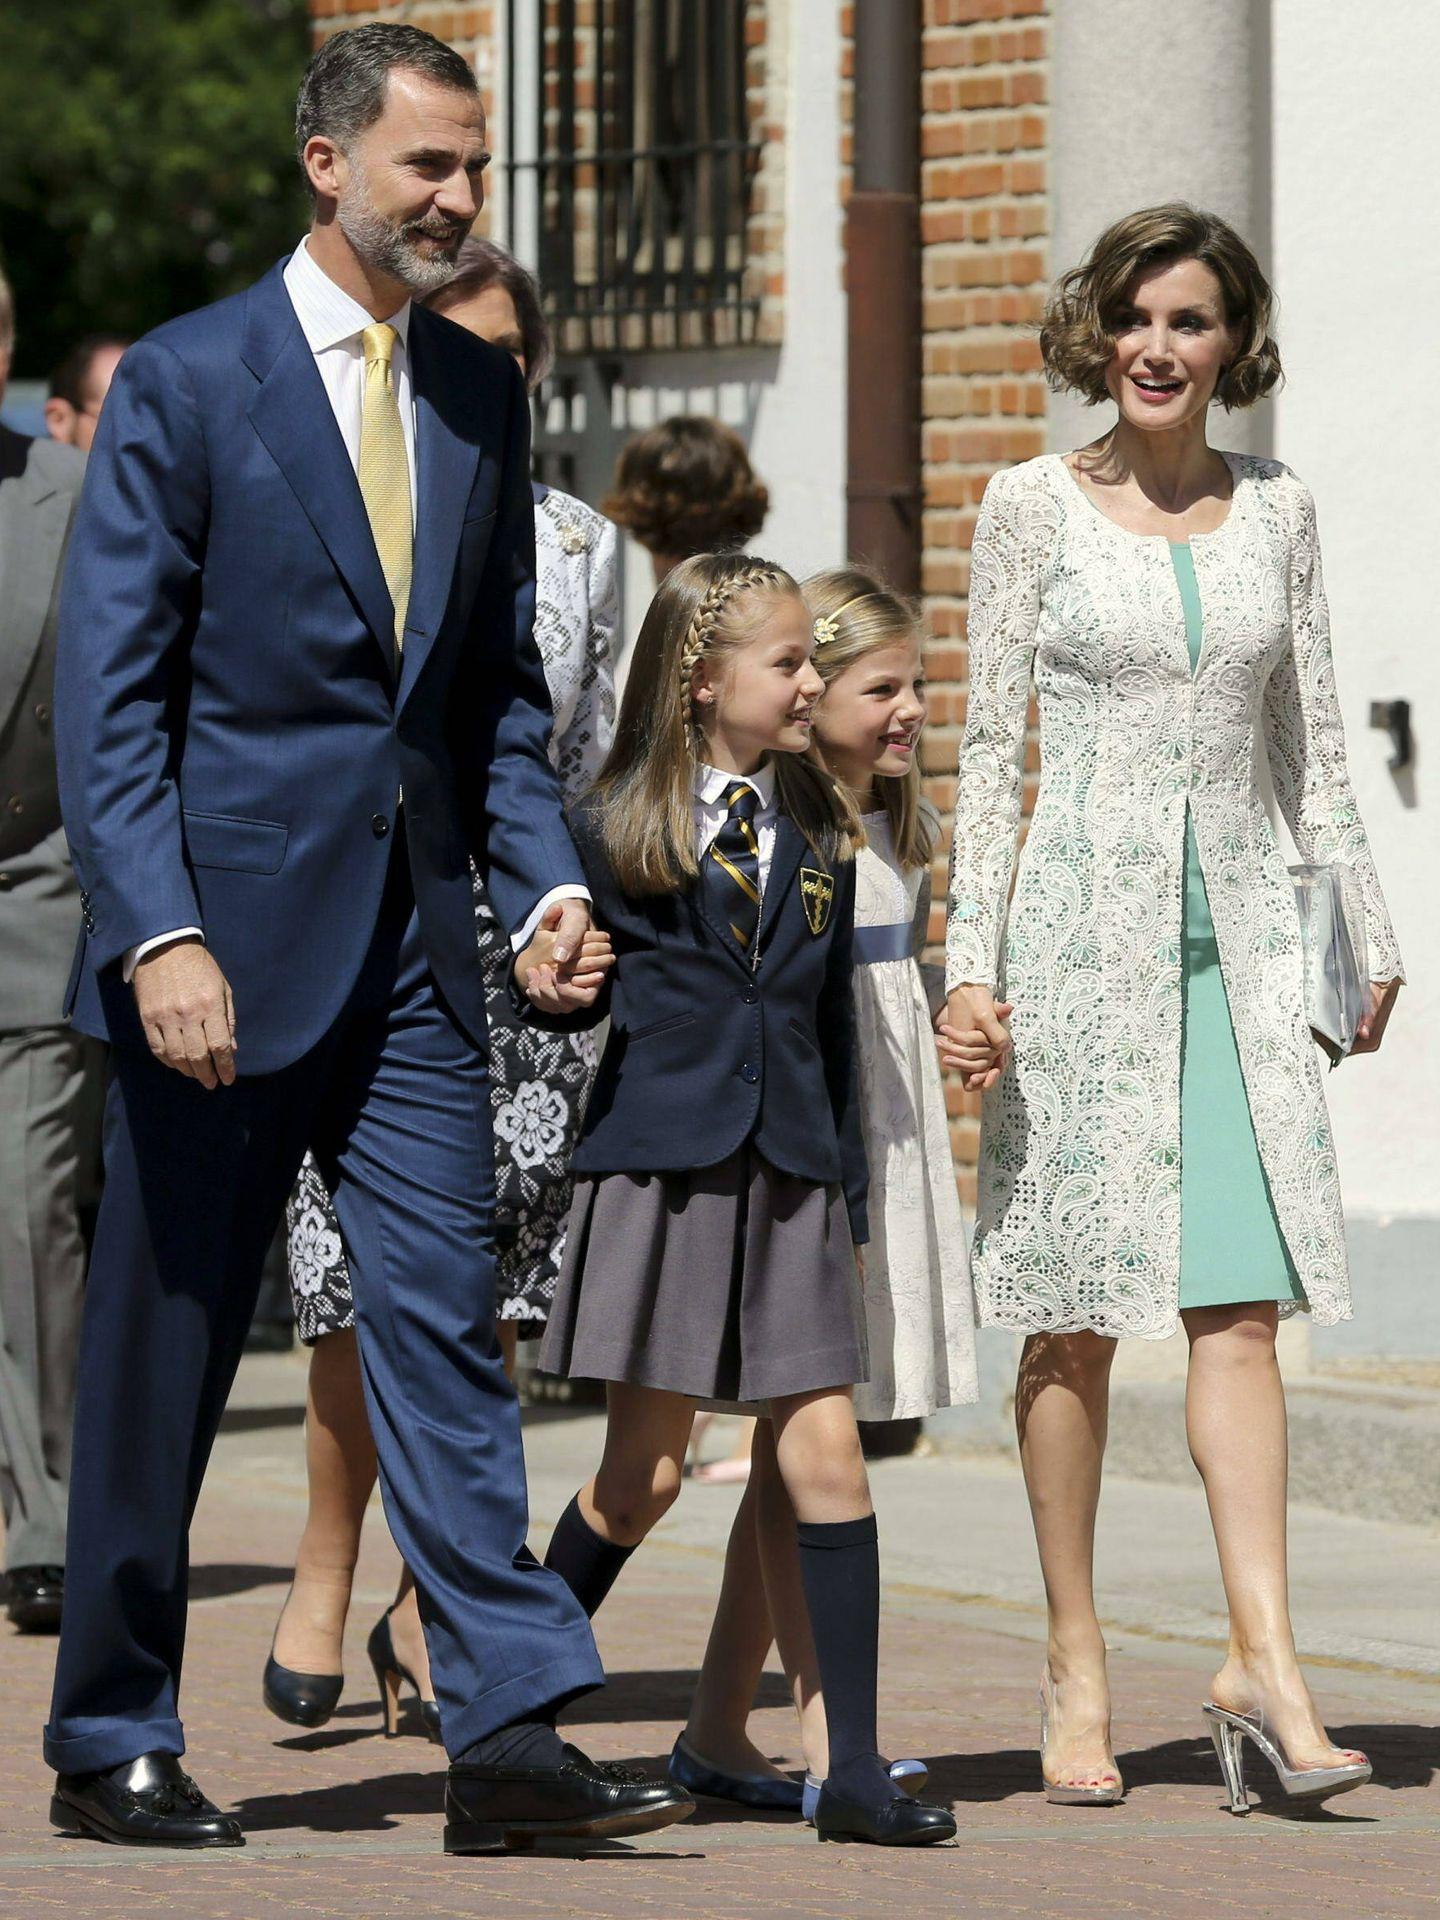 La reina Letizia, con zapatos de vinilo en la primera comunión de la princesa Leonor. (EFE)